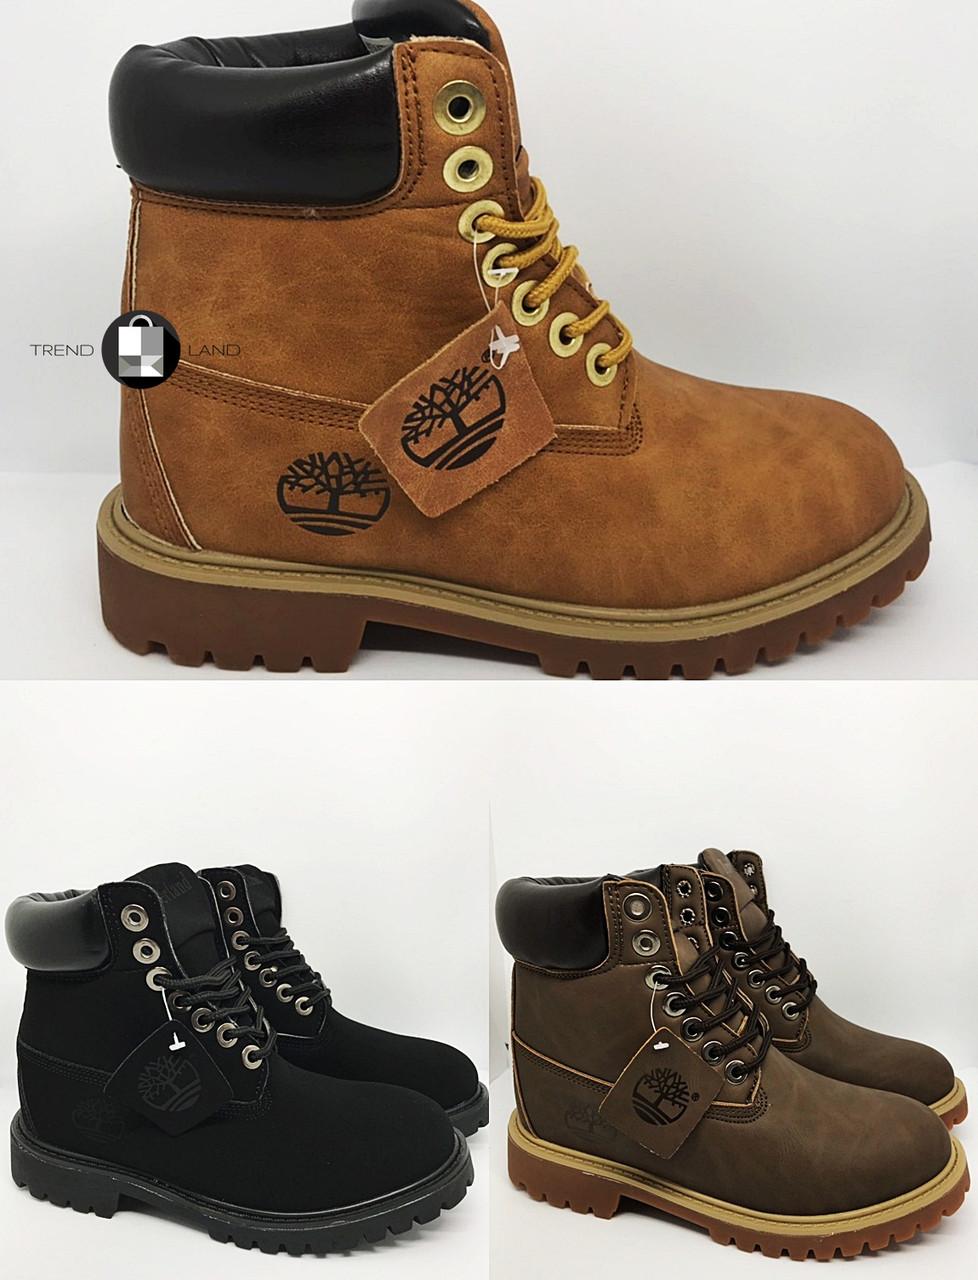 703b25de5b64 Мужские ботинки в стиле Timberland Boots 3 цвета в наличии -  Интернет-магазин